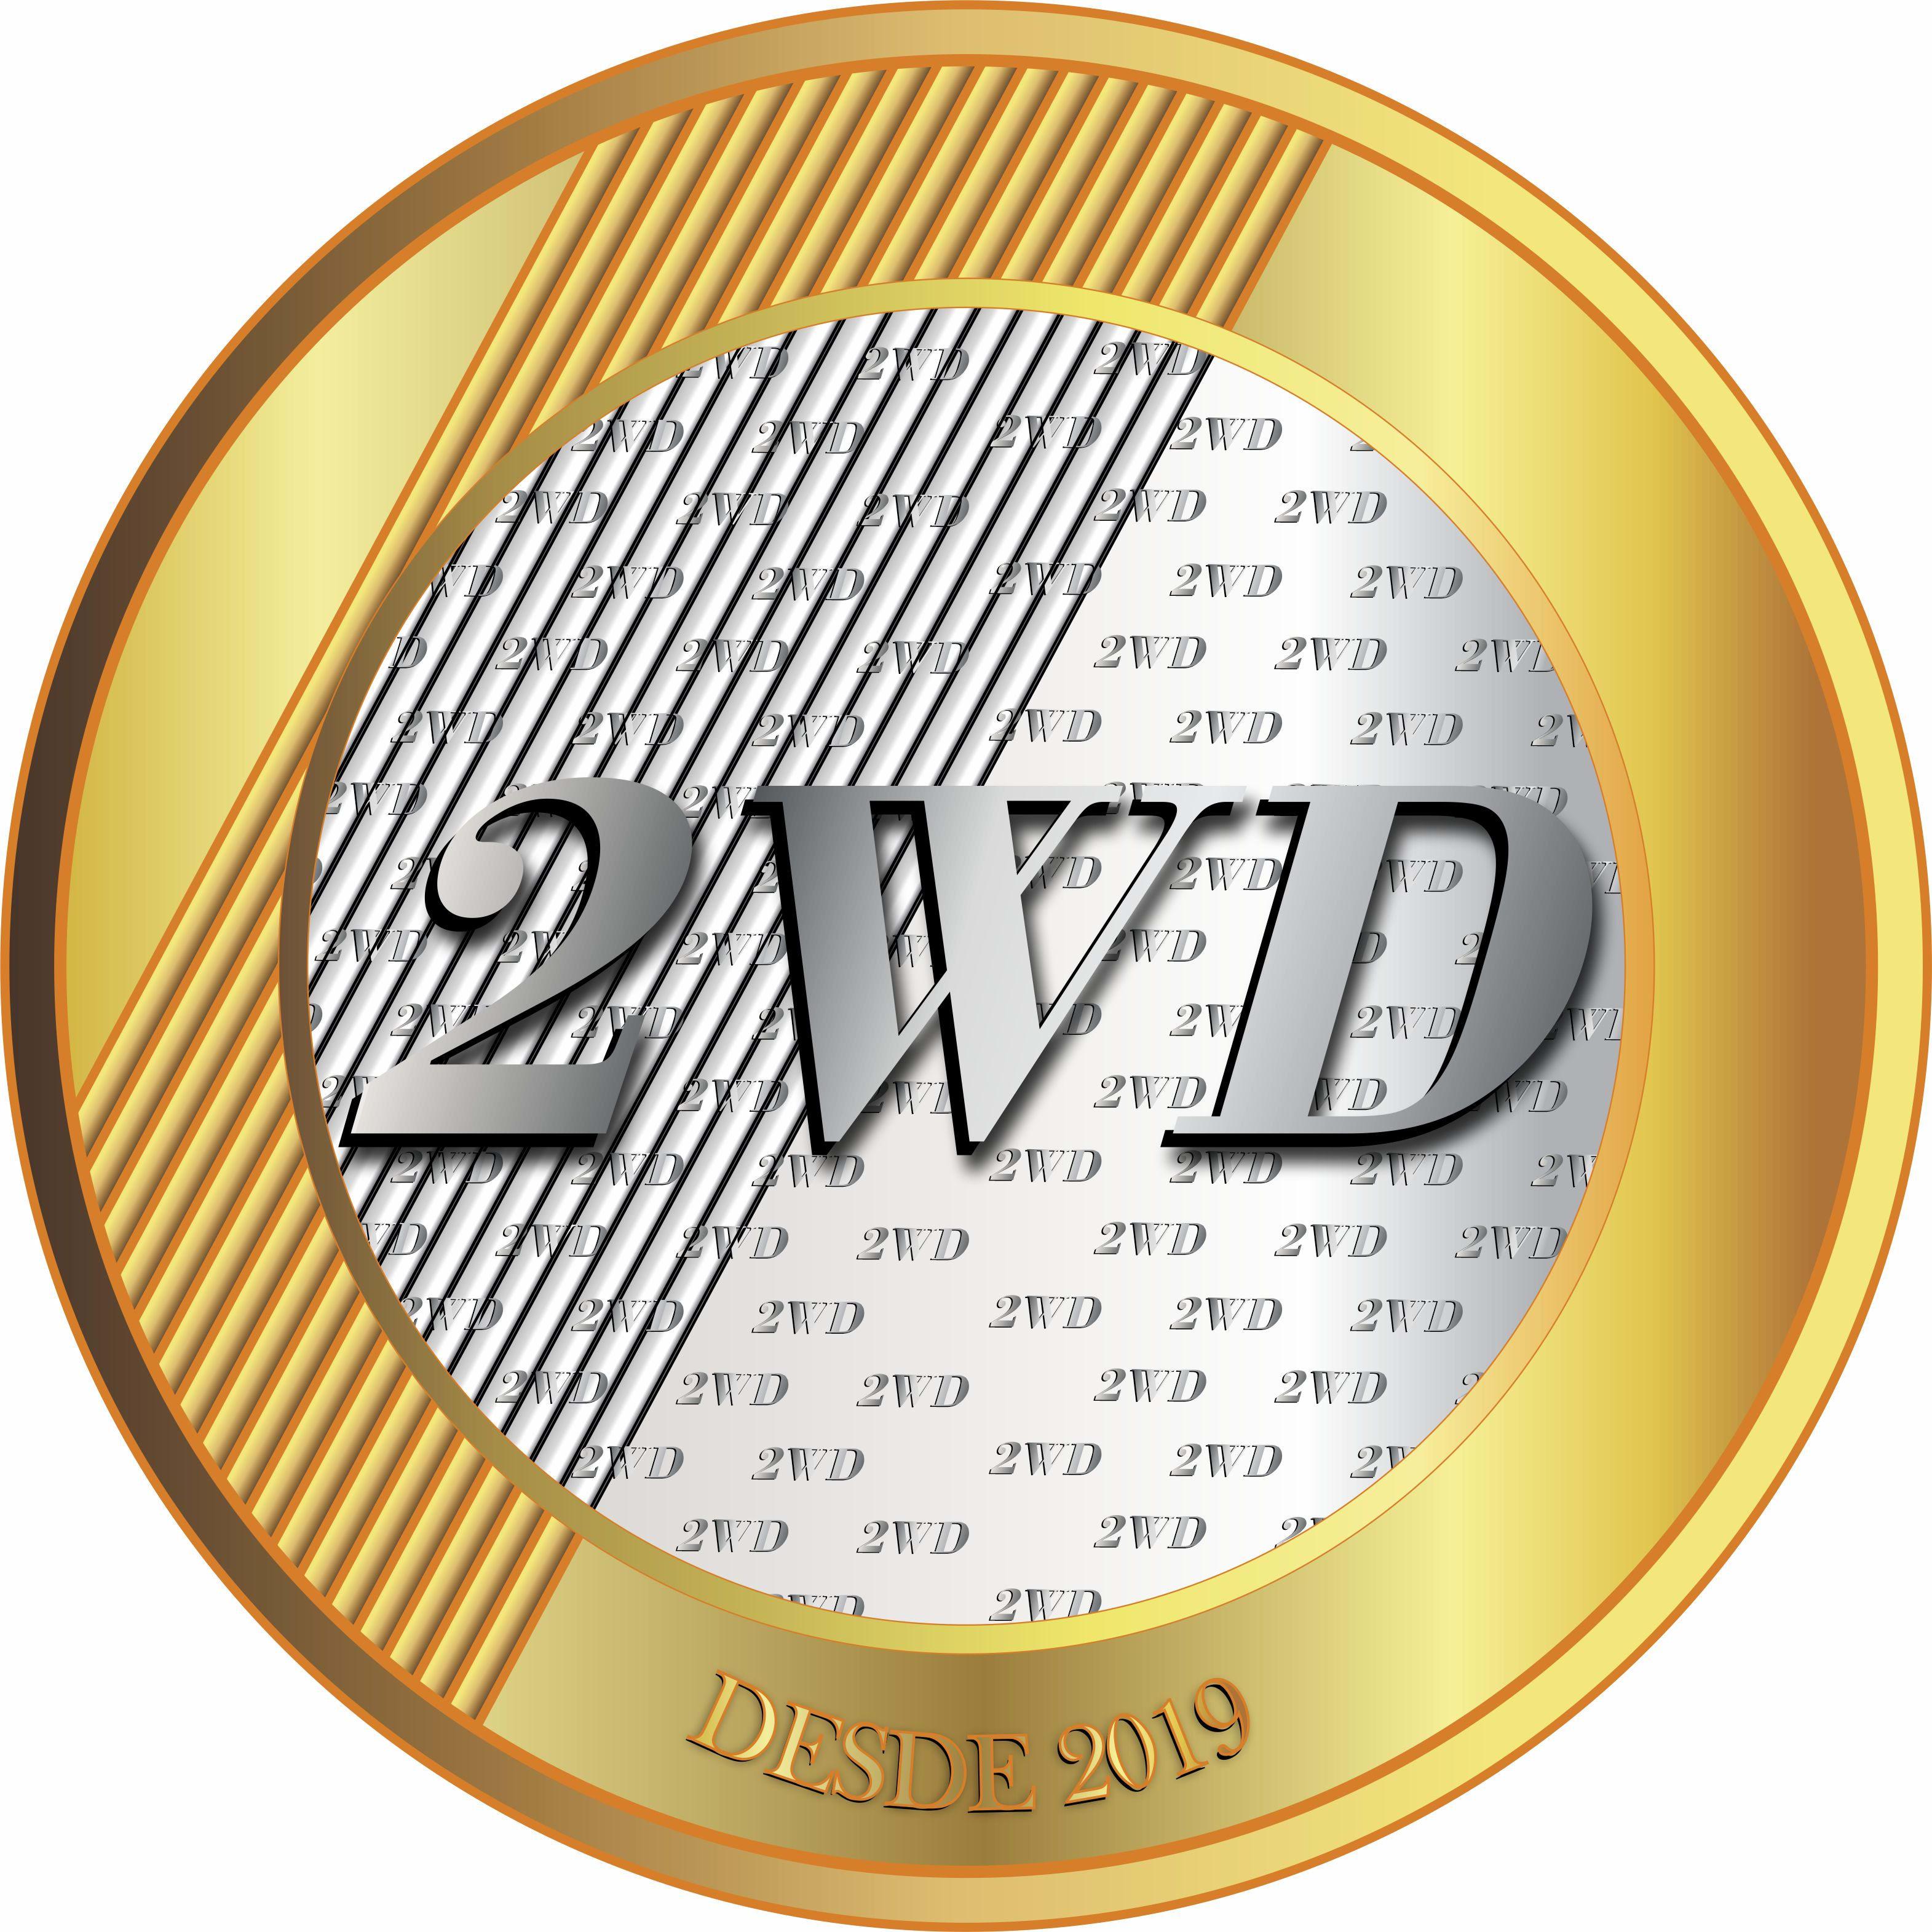 2WD Soluções Dedetizadora